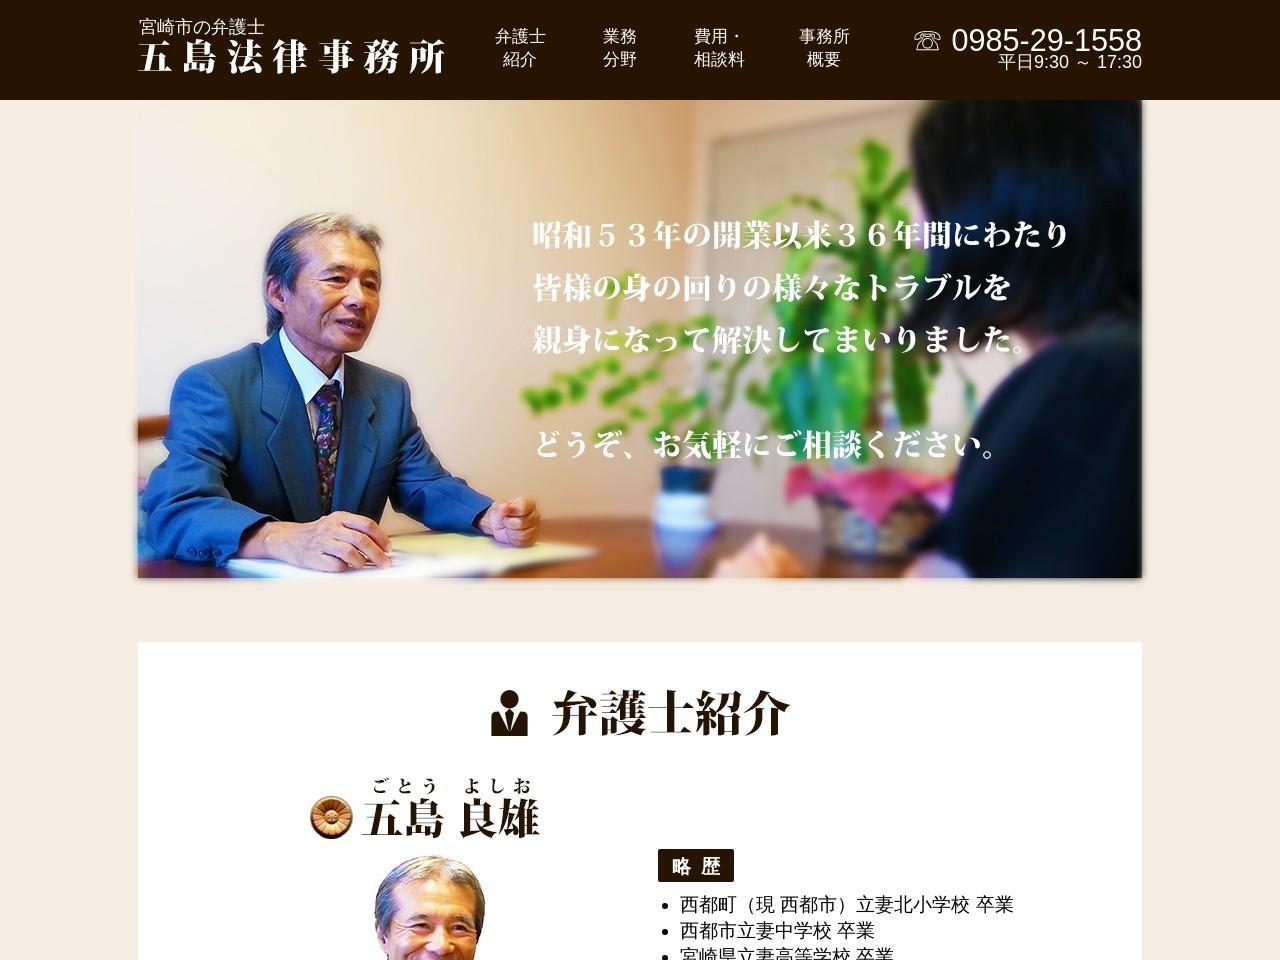 五島法律事務所